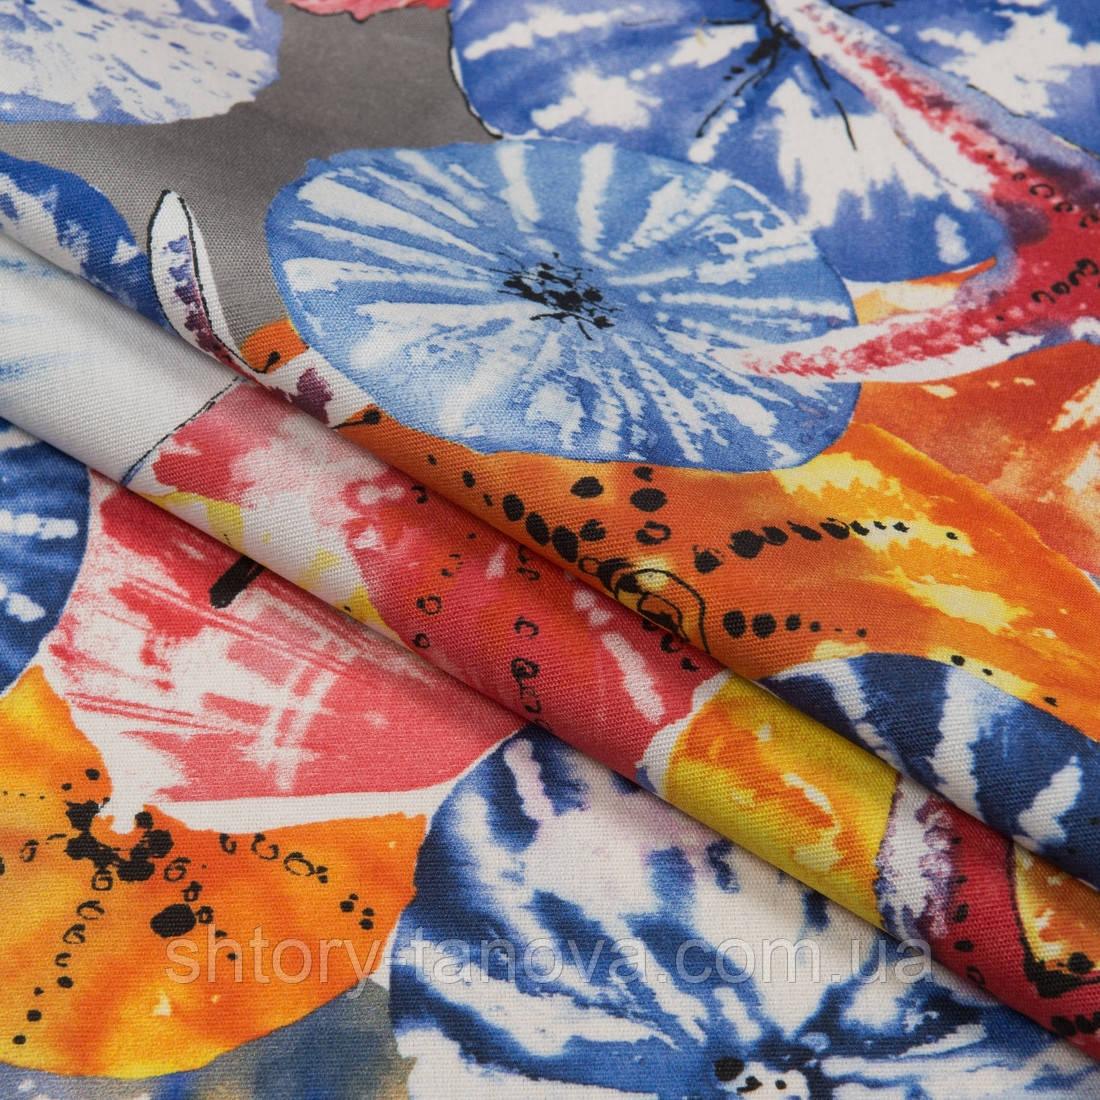 Ткань с тефлоновым покрытием Дралон принт гета/geta с морским принтом, тканевые шторы для ванной, бассейна